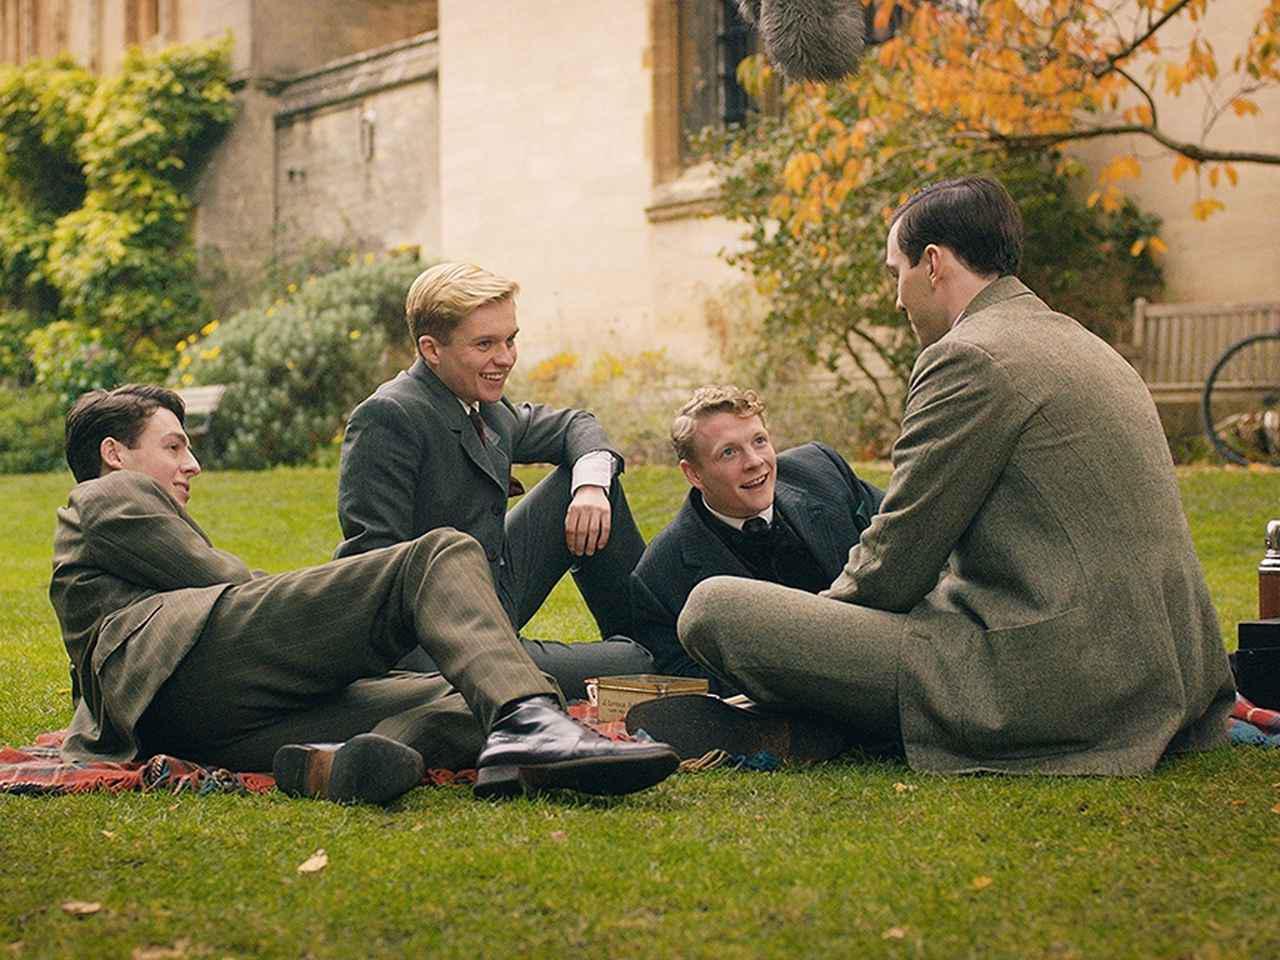 画像: ニコラス・ホールト、トム・グリン・カーニーらが英国式アフタヌーンティー講座!「トールキン 旅のはじまり」 - SCREEN ONLINE(スクリーンオンライン)